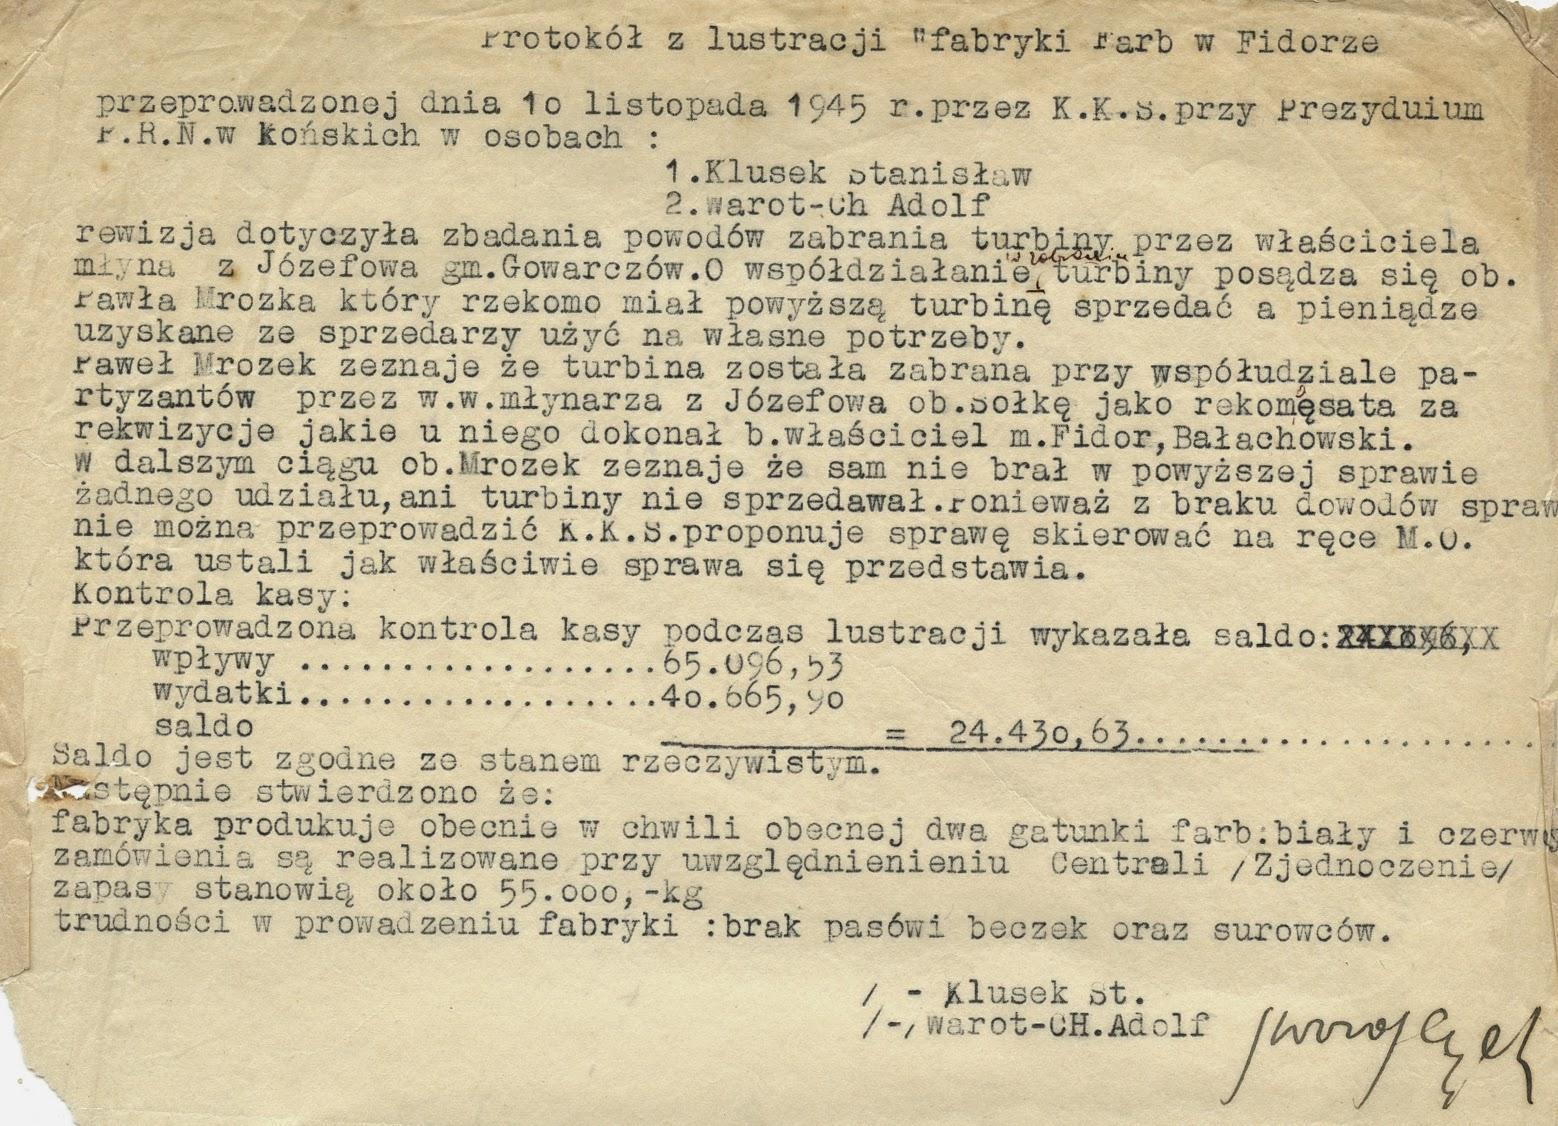 """Protokół z """"lustracji"""" fabryki farb w Fidorze z 10.11.1945 r. w zbiorach KW."""